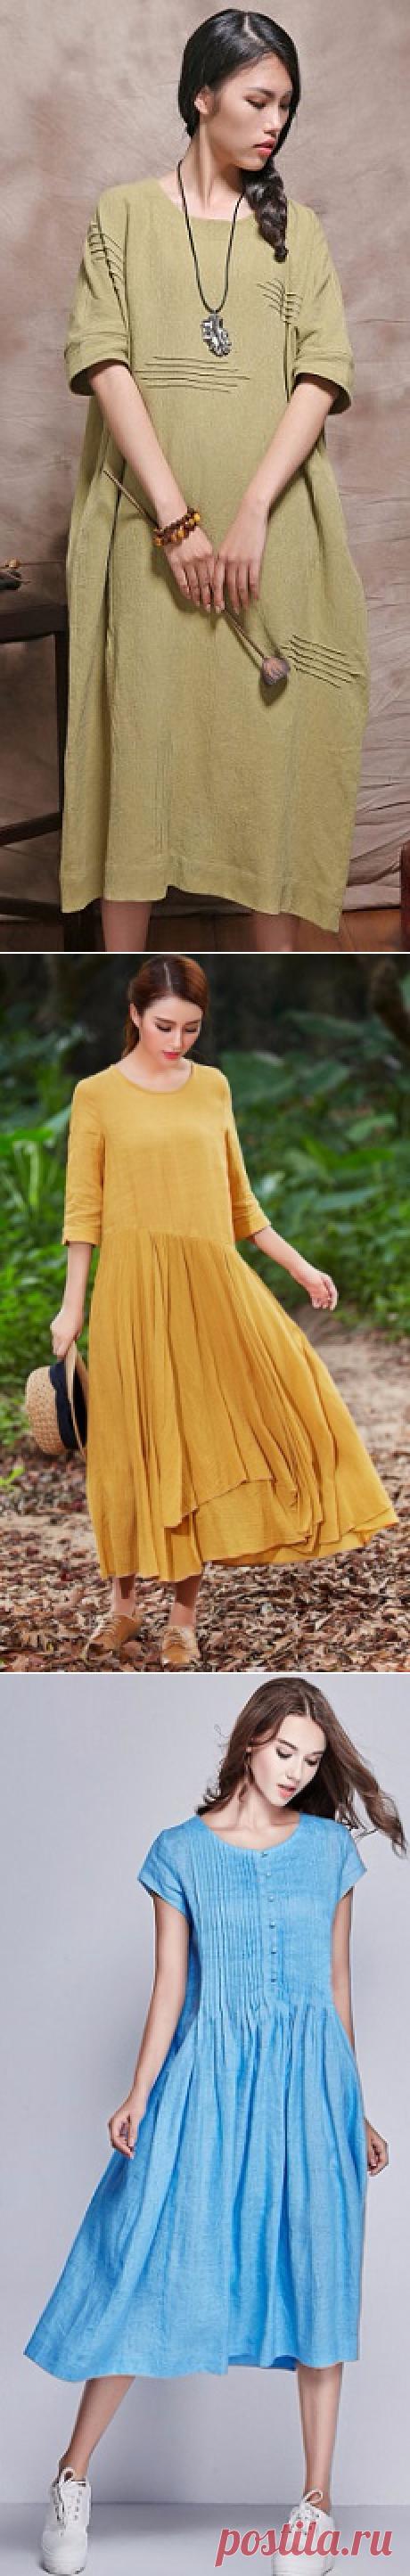 Бохо-платья